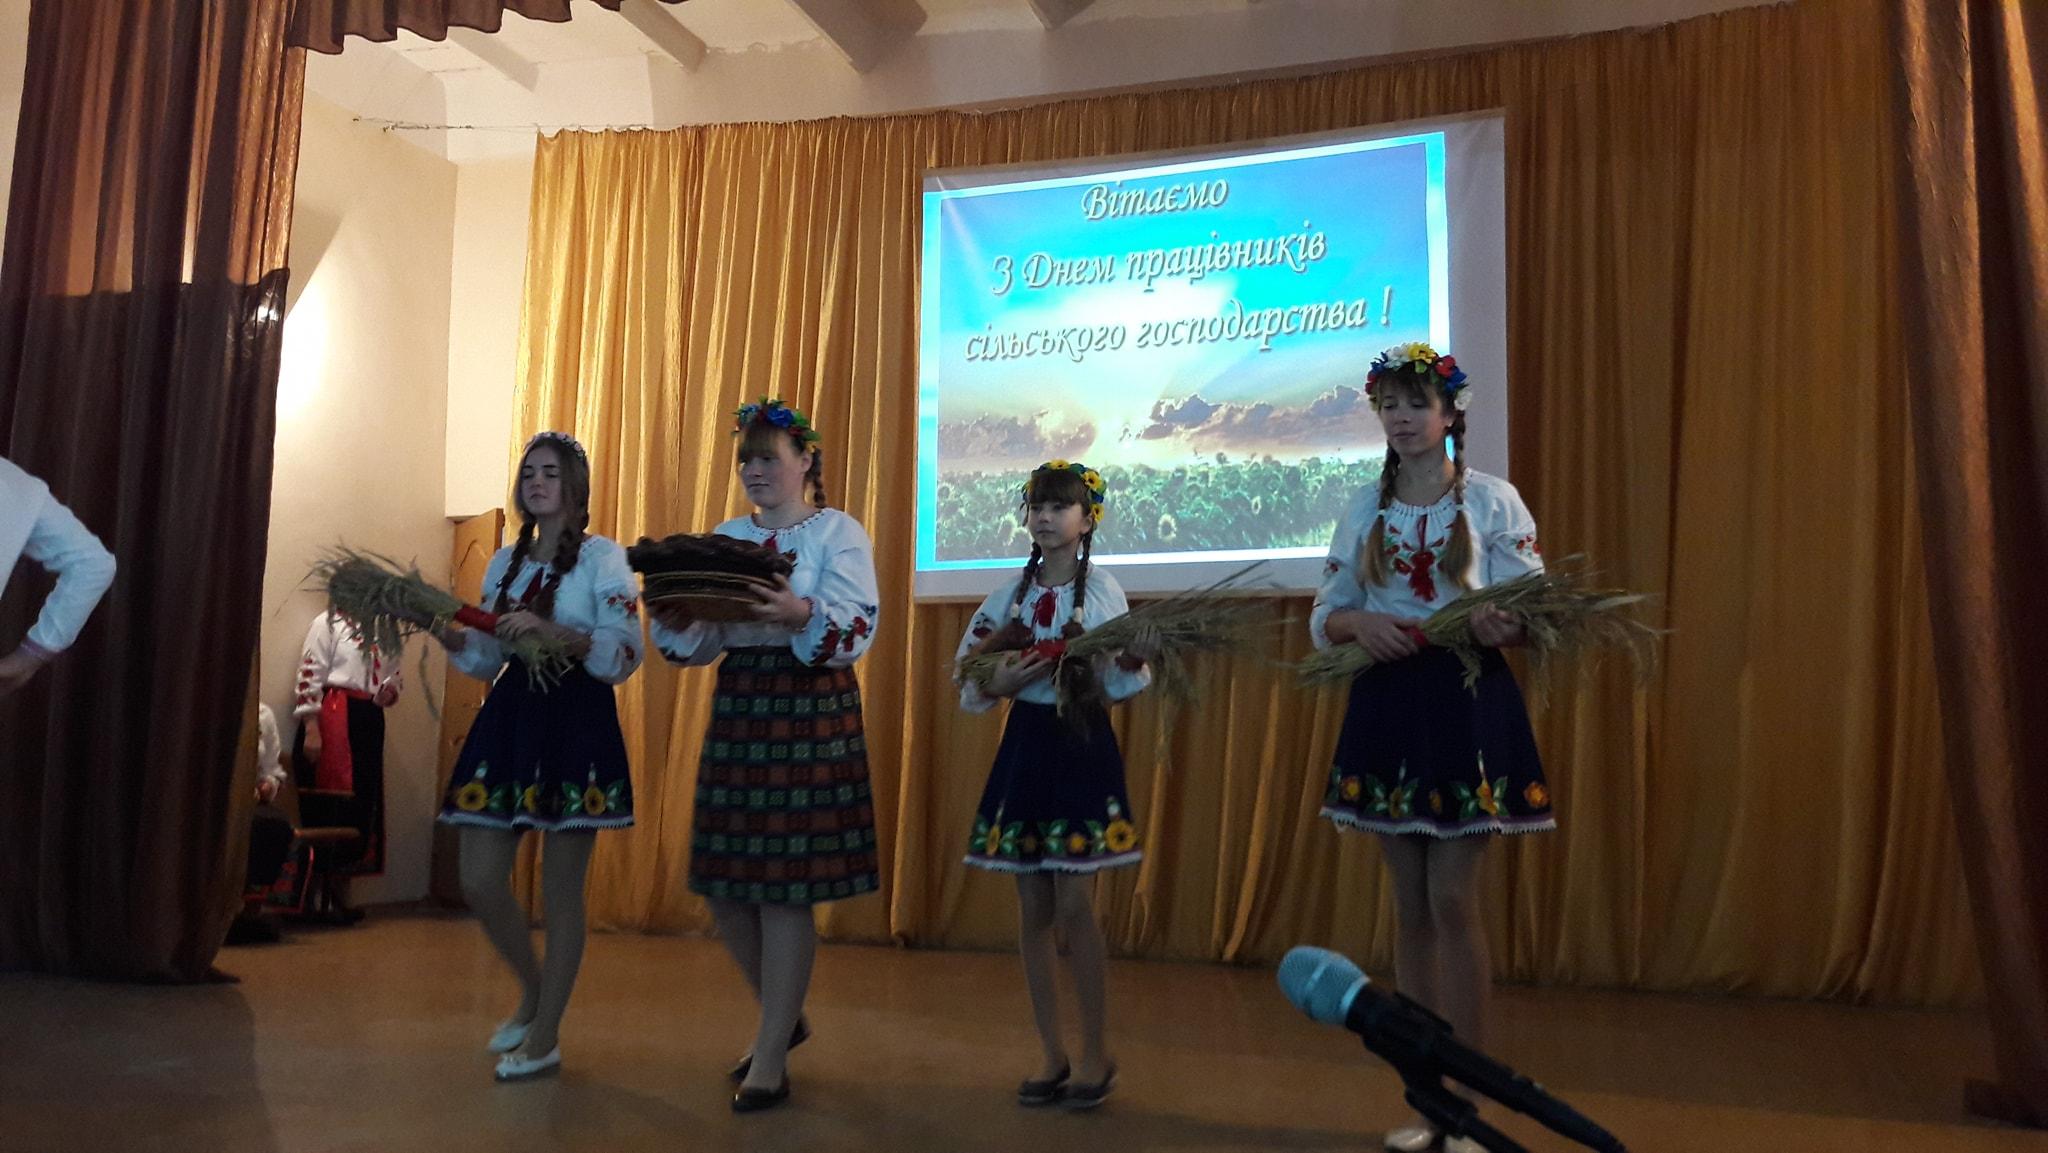 В селе Килийской ОТГ отпраздновали День сельского хозяйства